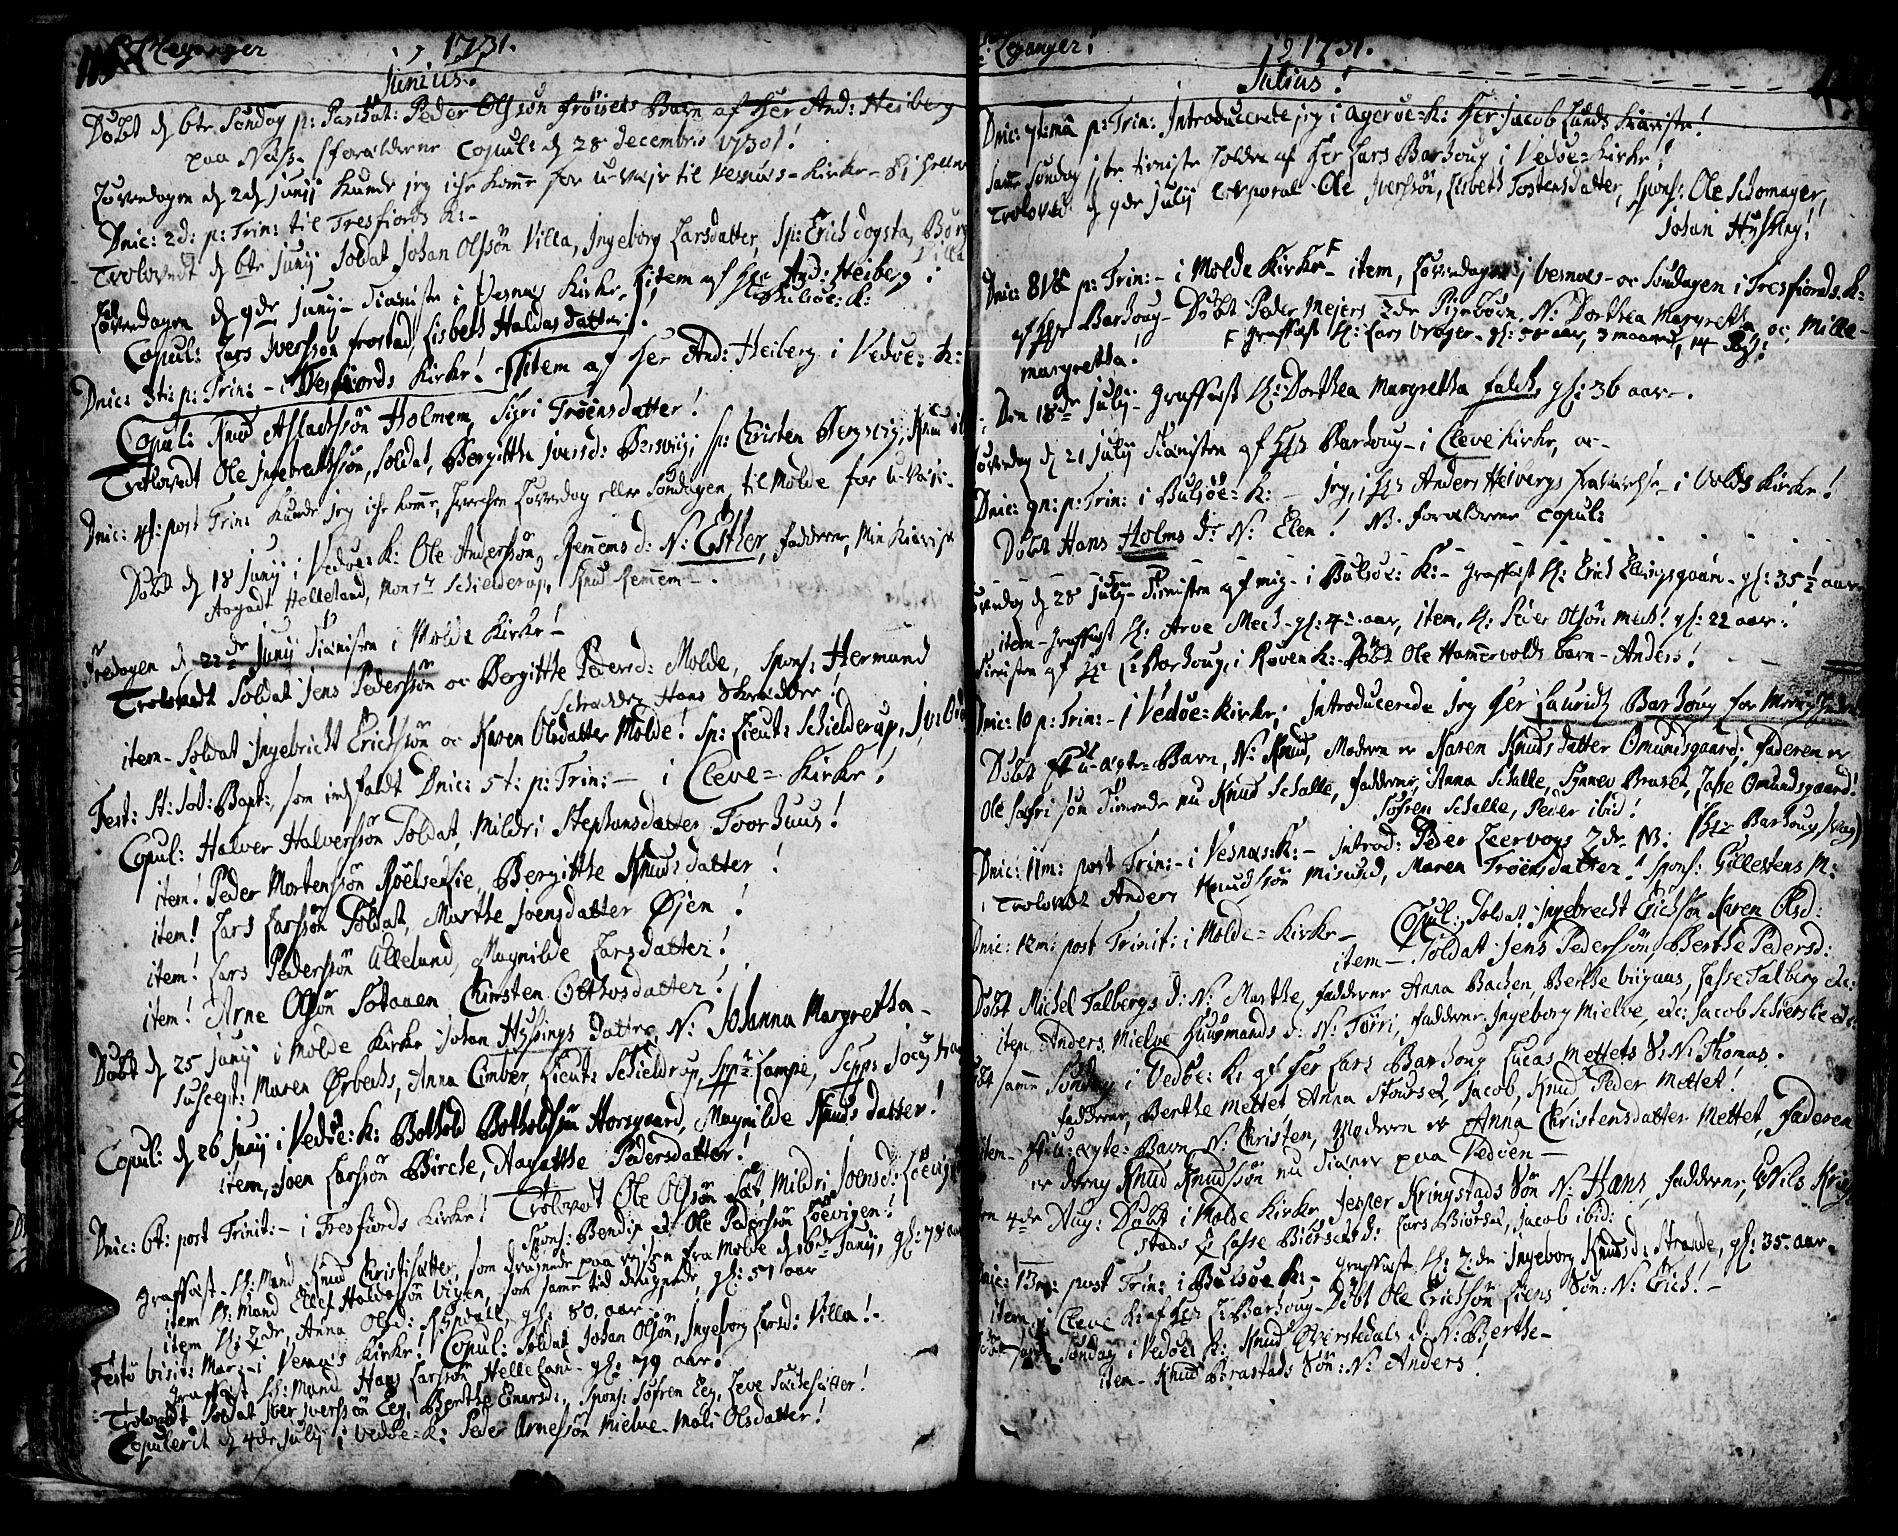 SAT, Ministerialprotokoller, klokkerbøker og fødselsregistre - Møre og Romsdal, 547/L0599: Ministerialbok nr. 547A01, 1721-1764, s. 120-121